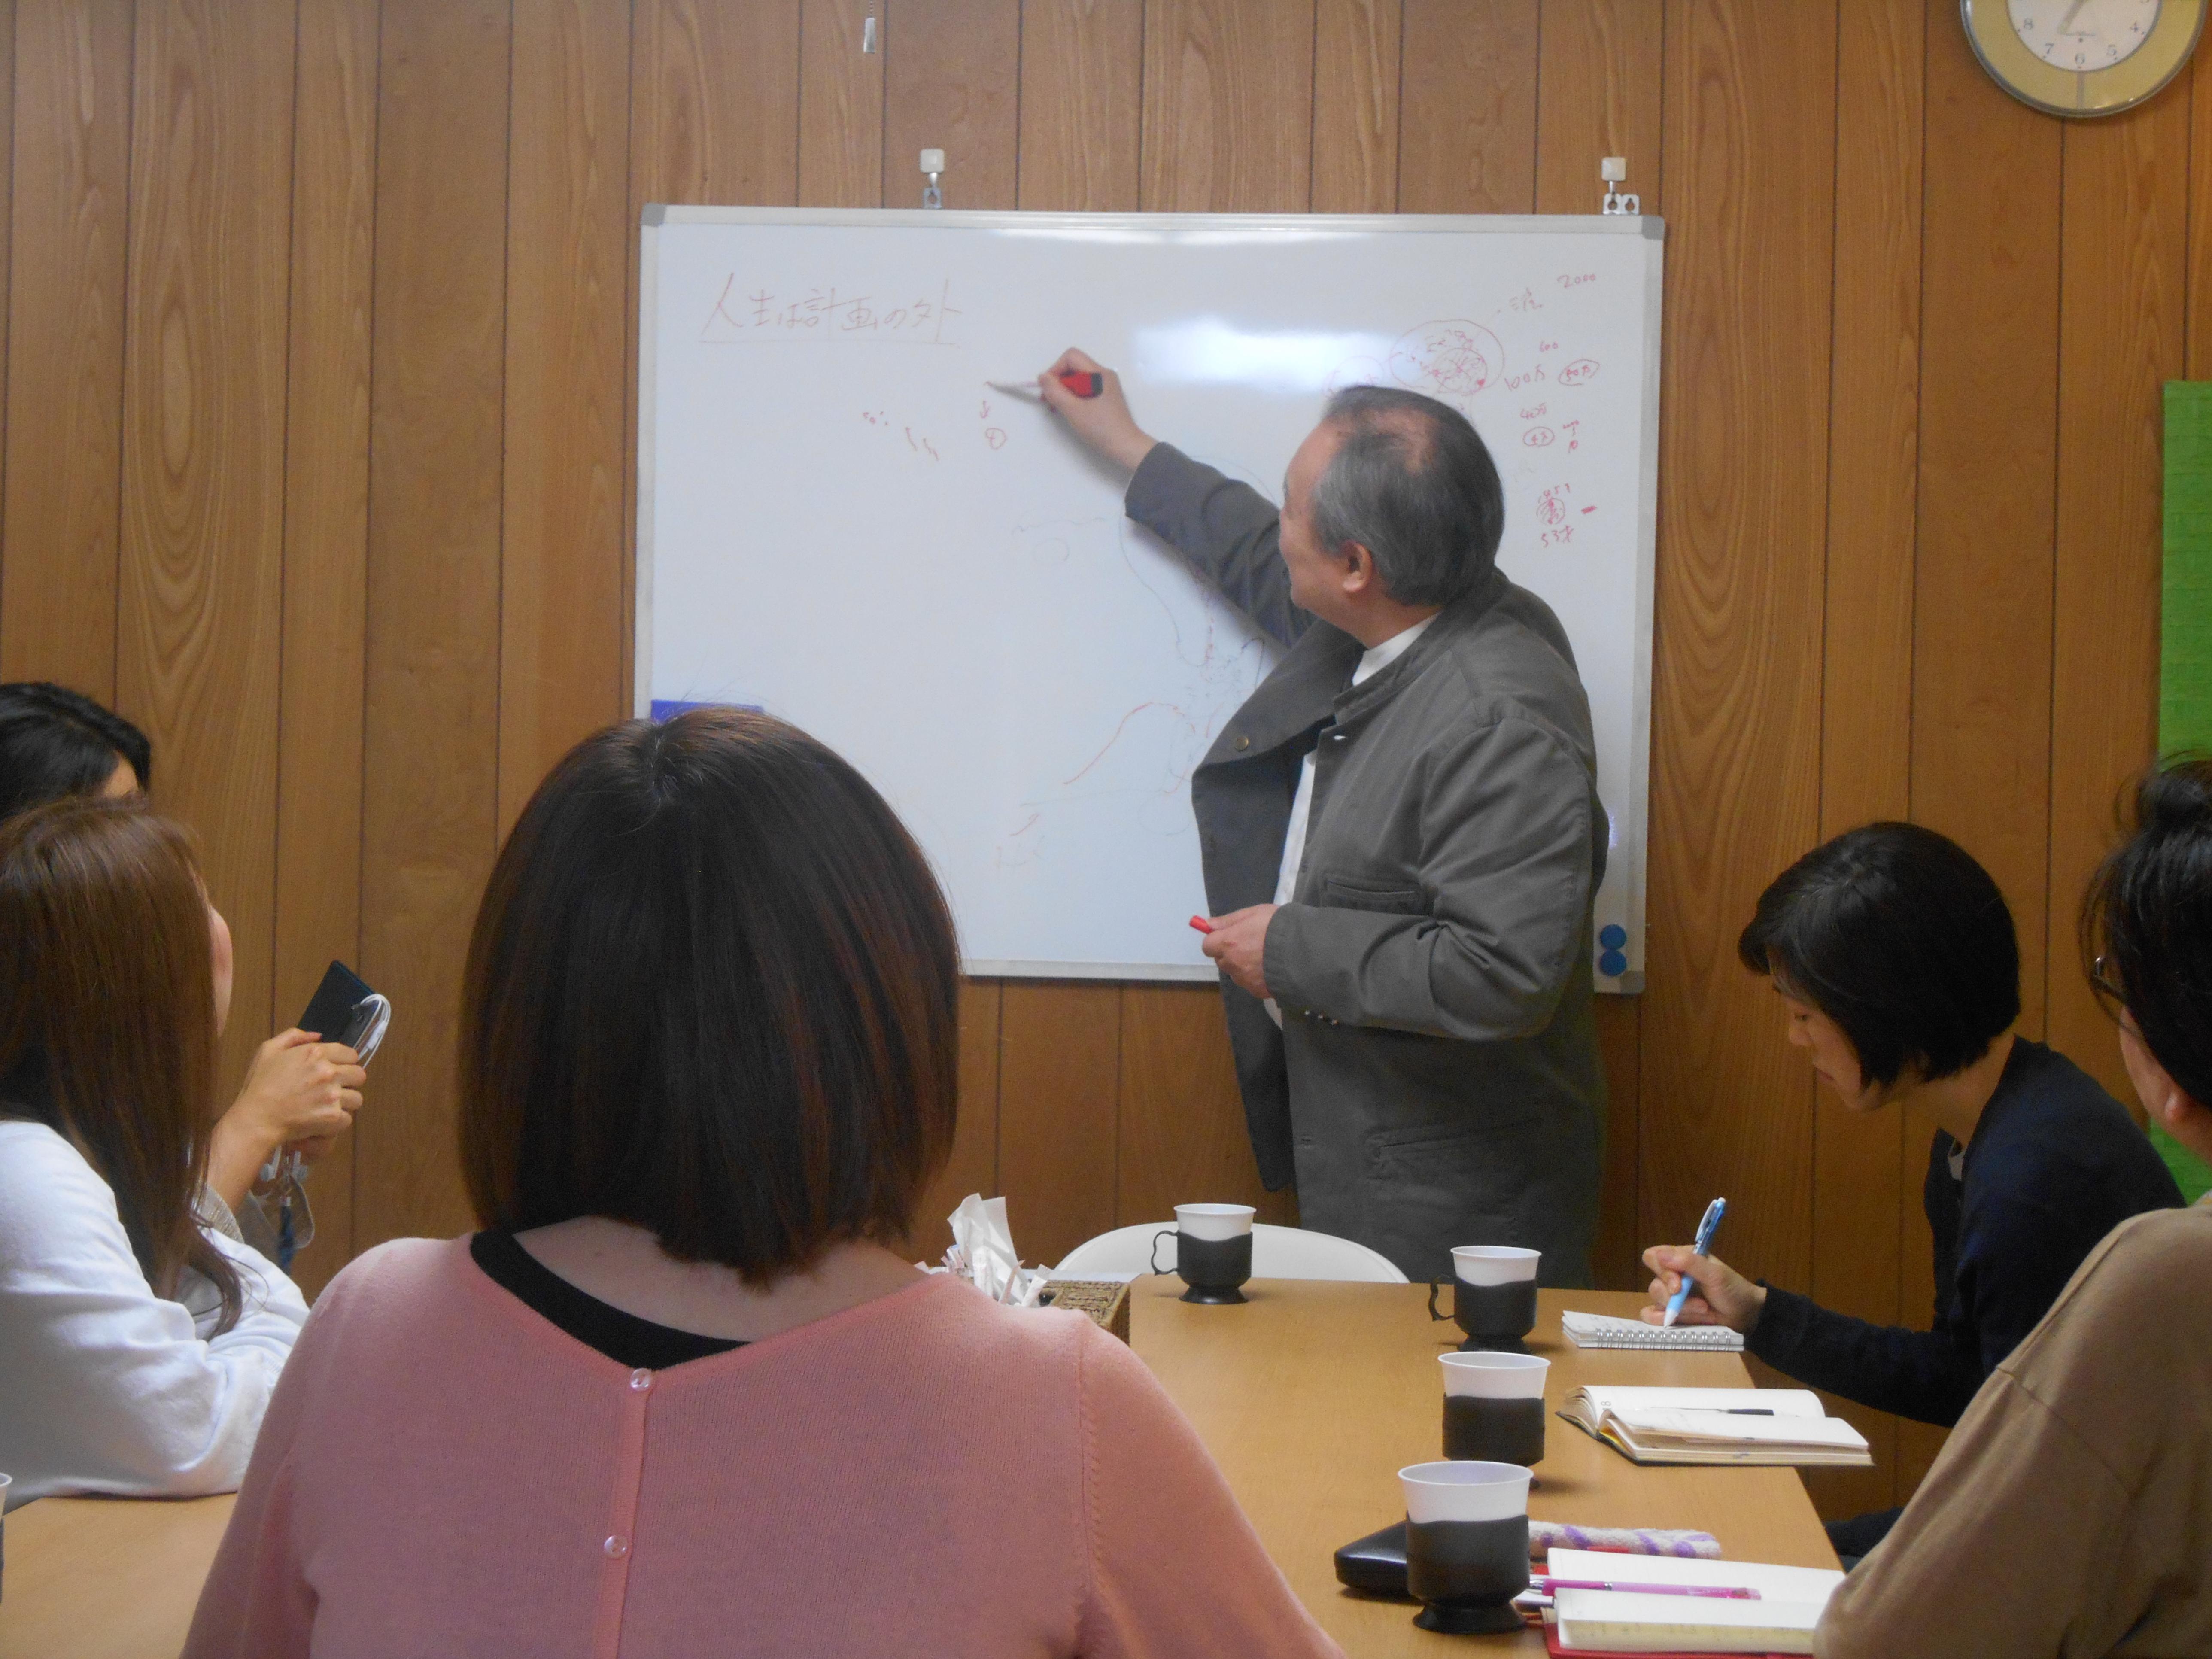 DSCN1174 - 愛の子育て塾14期第4講座